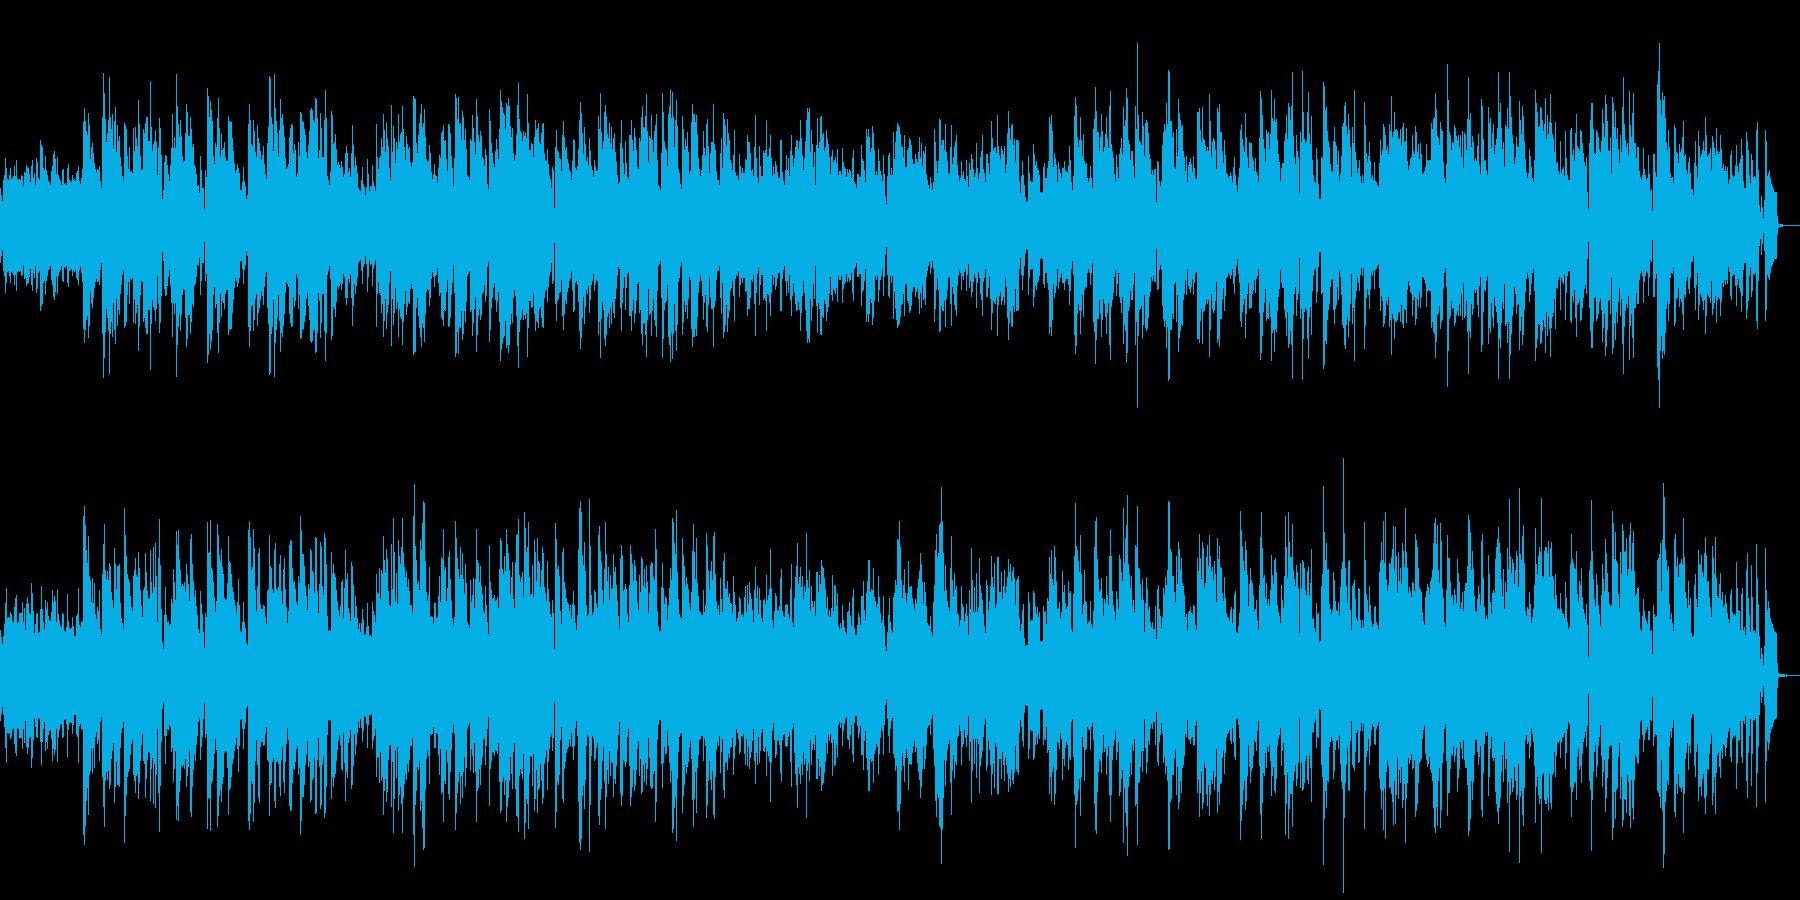 物憂げなピアノのジャズバラードの再生済みの波形